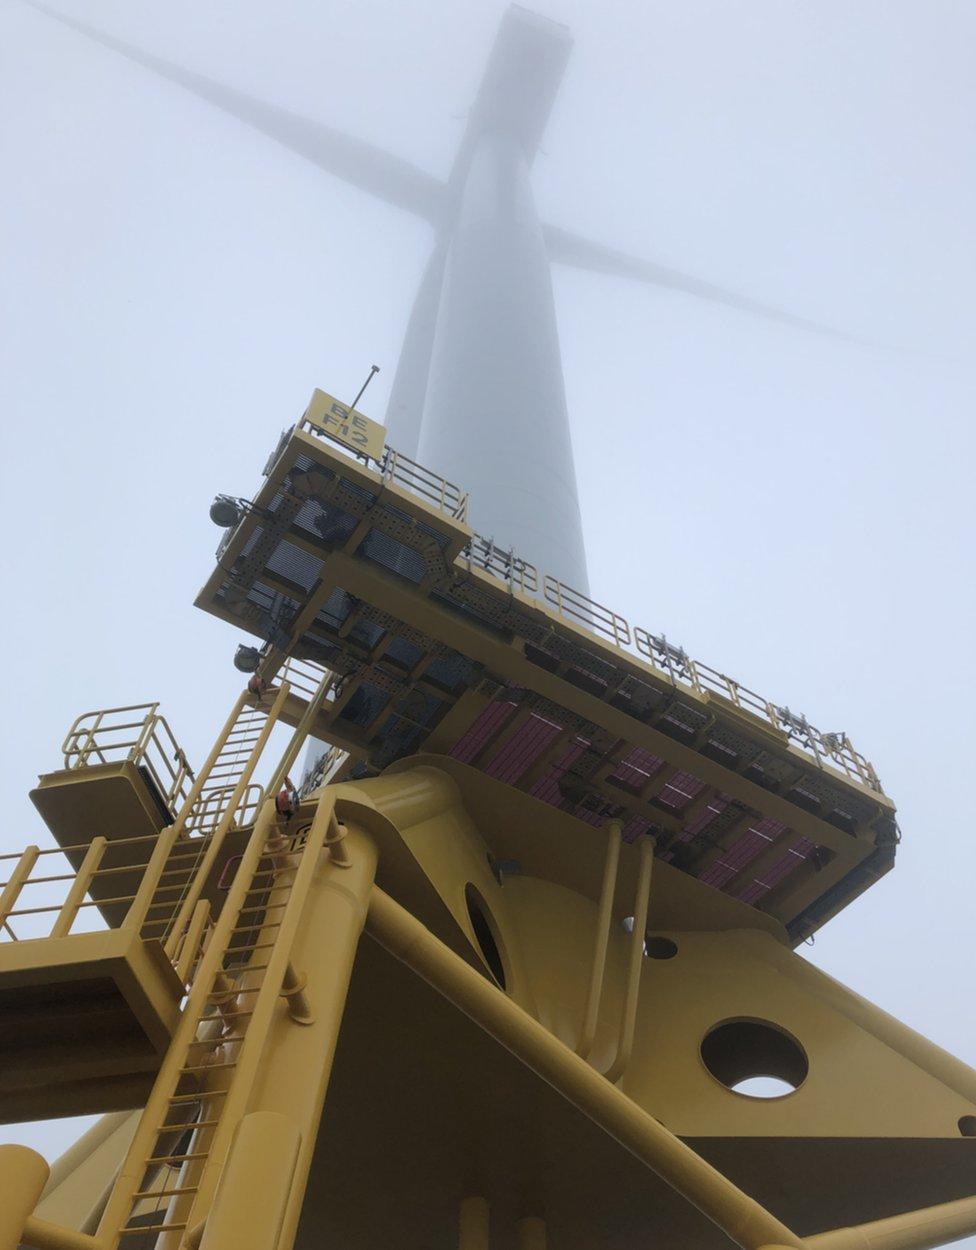 Beatrice turbine